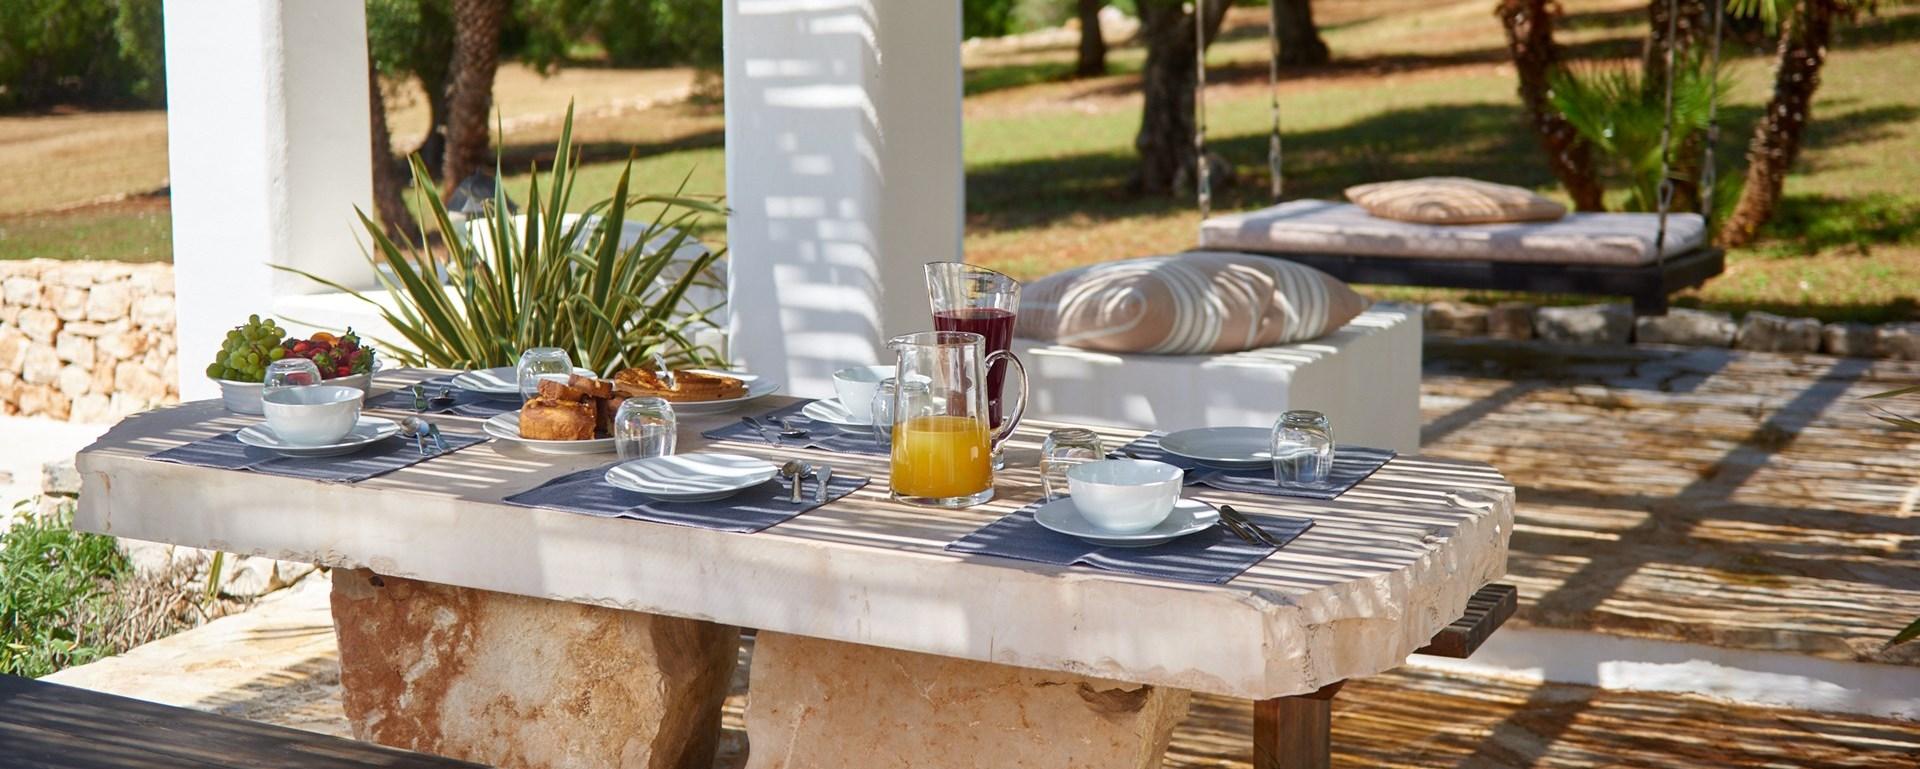 la-moresca-al-fresco-dining